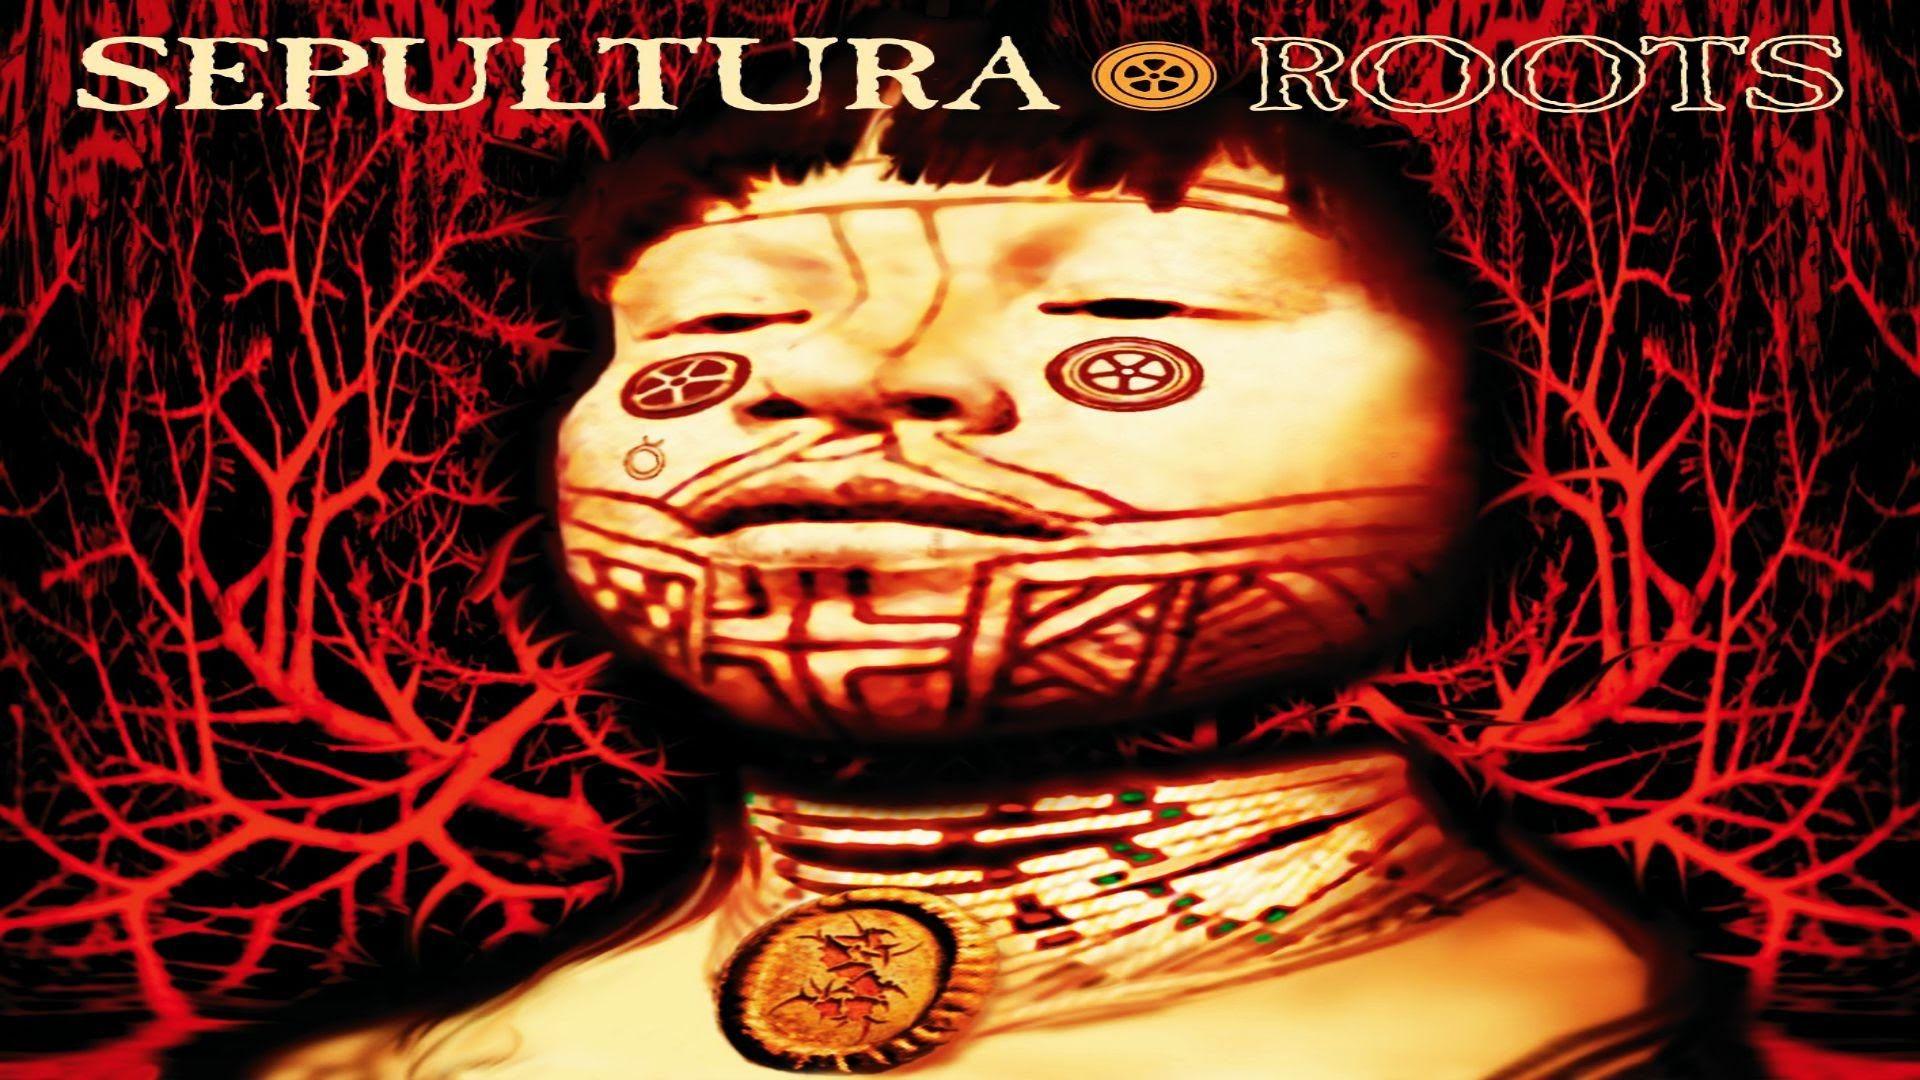 Sepultura roots full album download